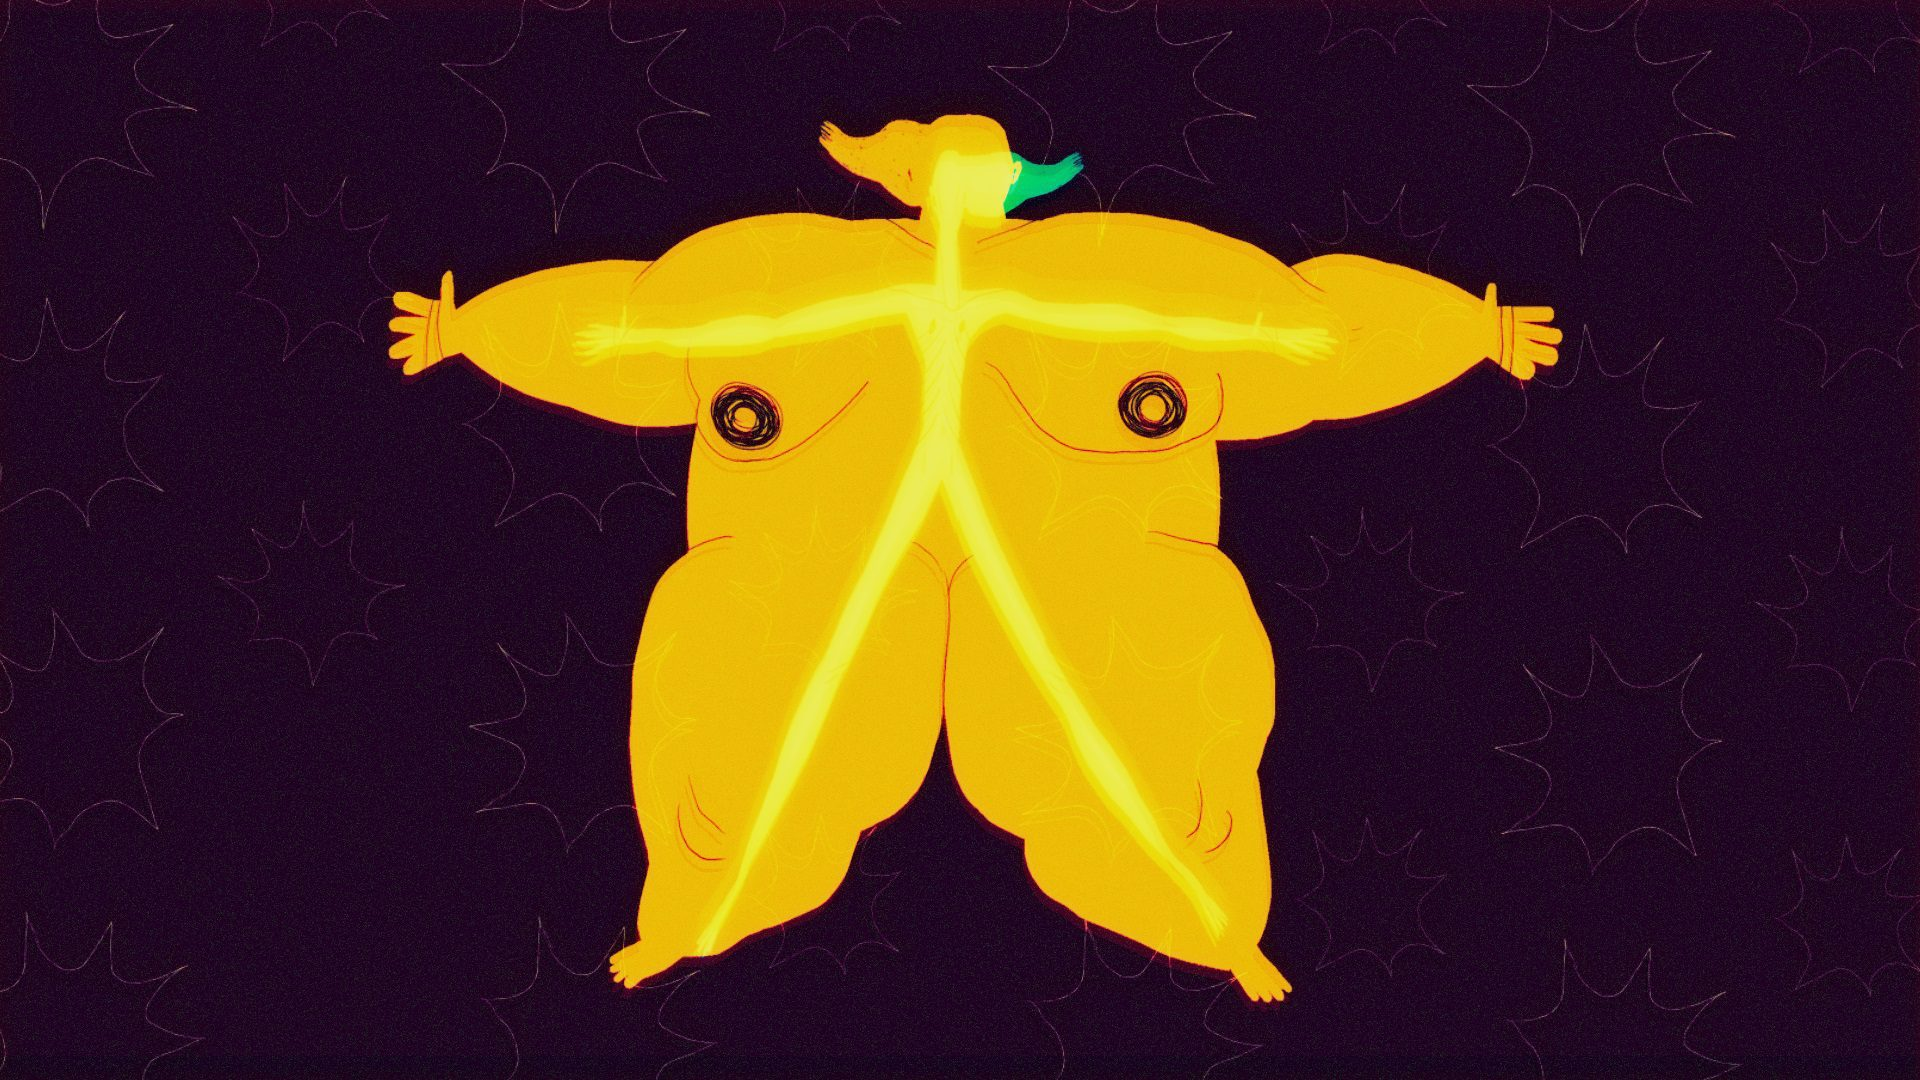 my fat arse and i - <b>Що подивитися цієї осені?</b> «7+7» — онлайн-фестиваль коротких метрів від видатних режисерок - Заборона